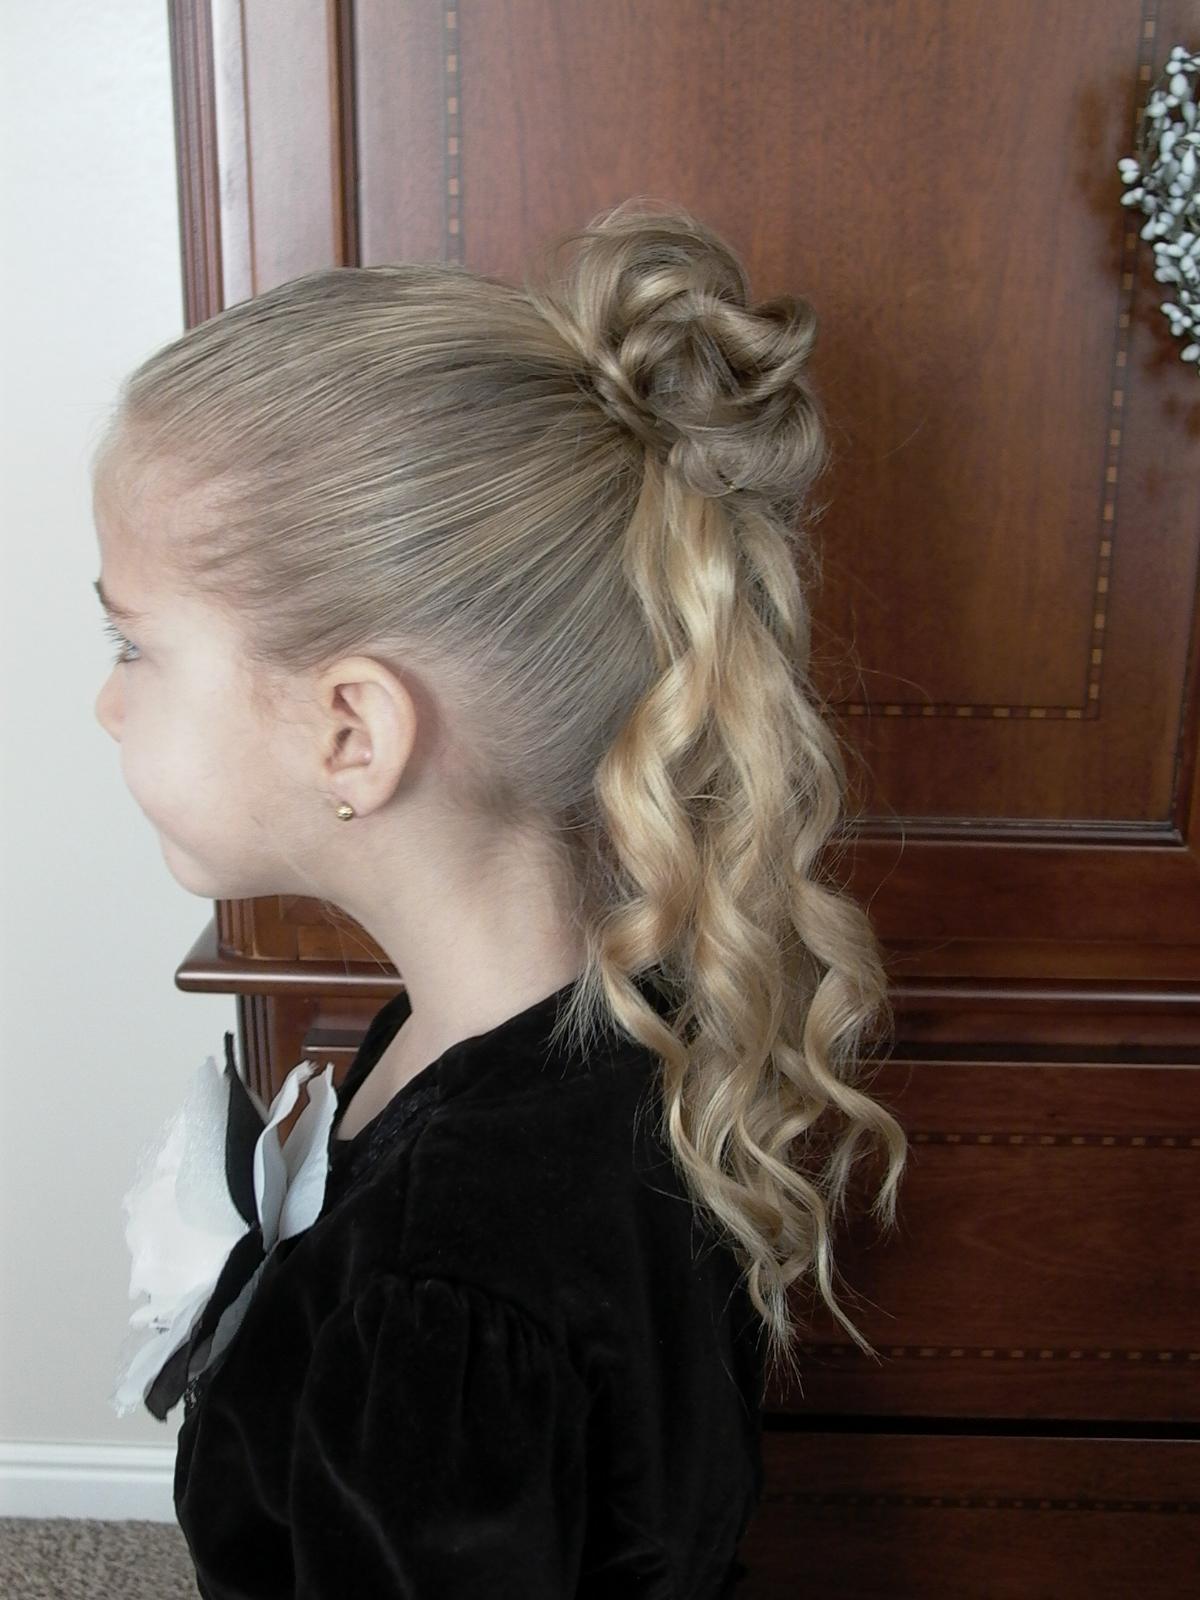 Pretty Hair is Fun: Half Bun Curly Updo Video Tutorial - Pretty Hair is Fun - Girls Hairstyle ...